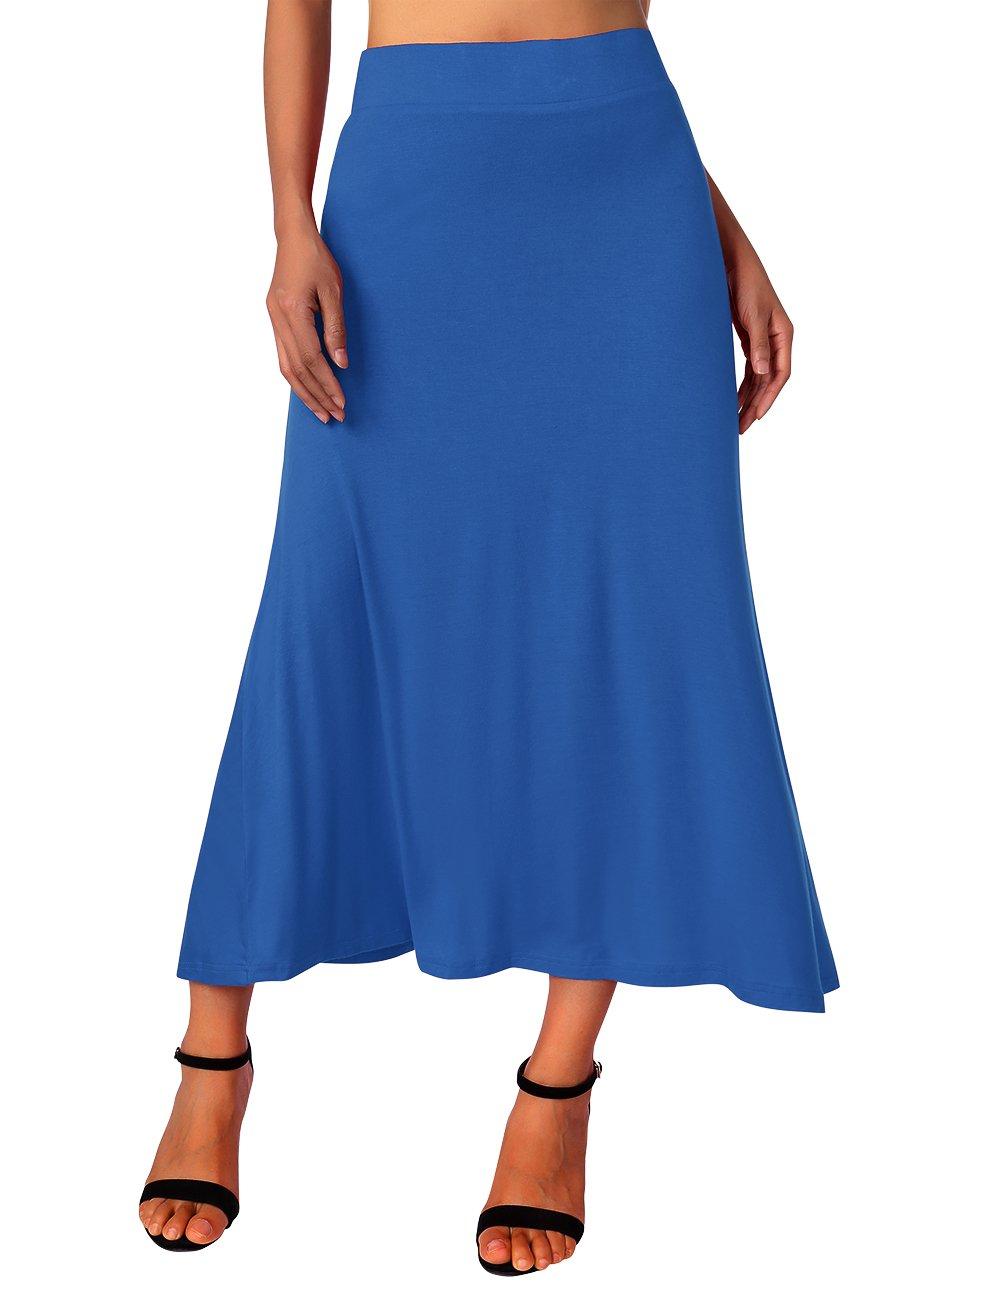 DJT High Waist Solid Color Skirt, Women's Summer Elastic Sretchy Hosiery Full Length Shirring Maxi Skirt Blue M